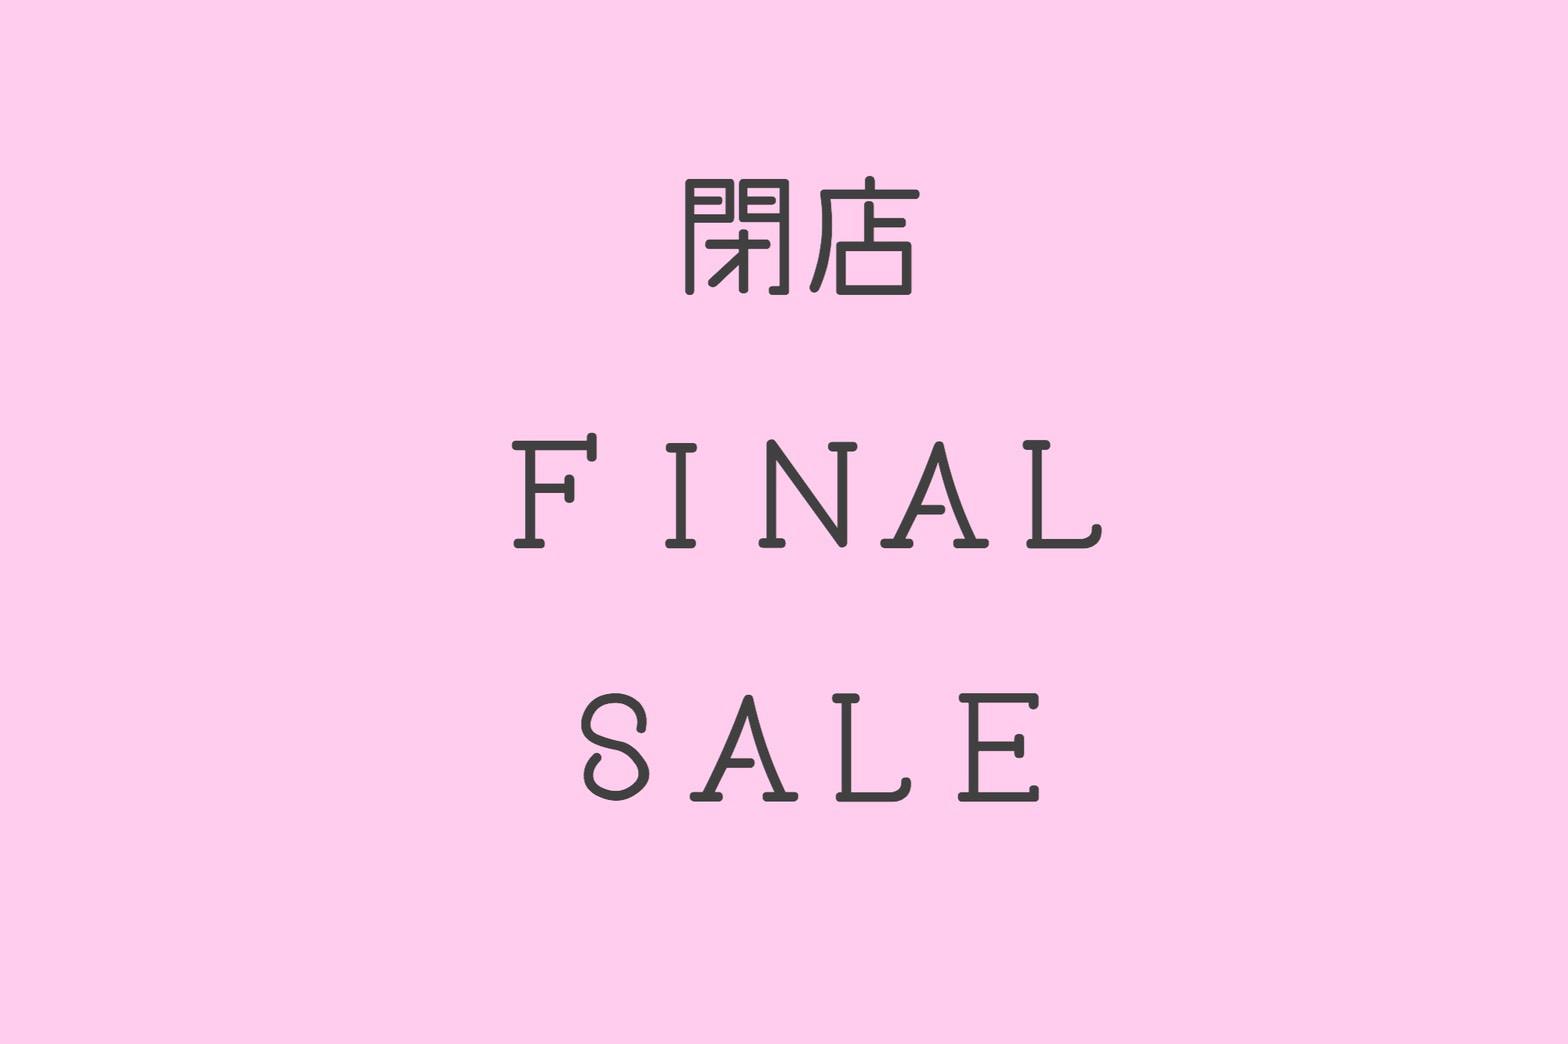 遂に本日から開催!FINAL SALE!!